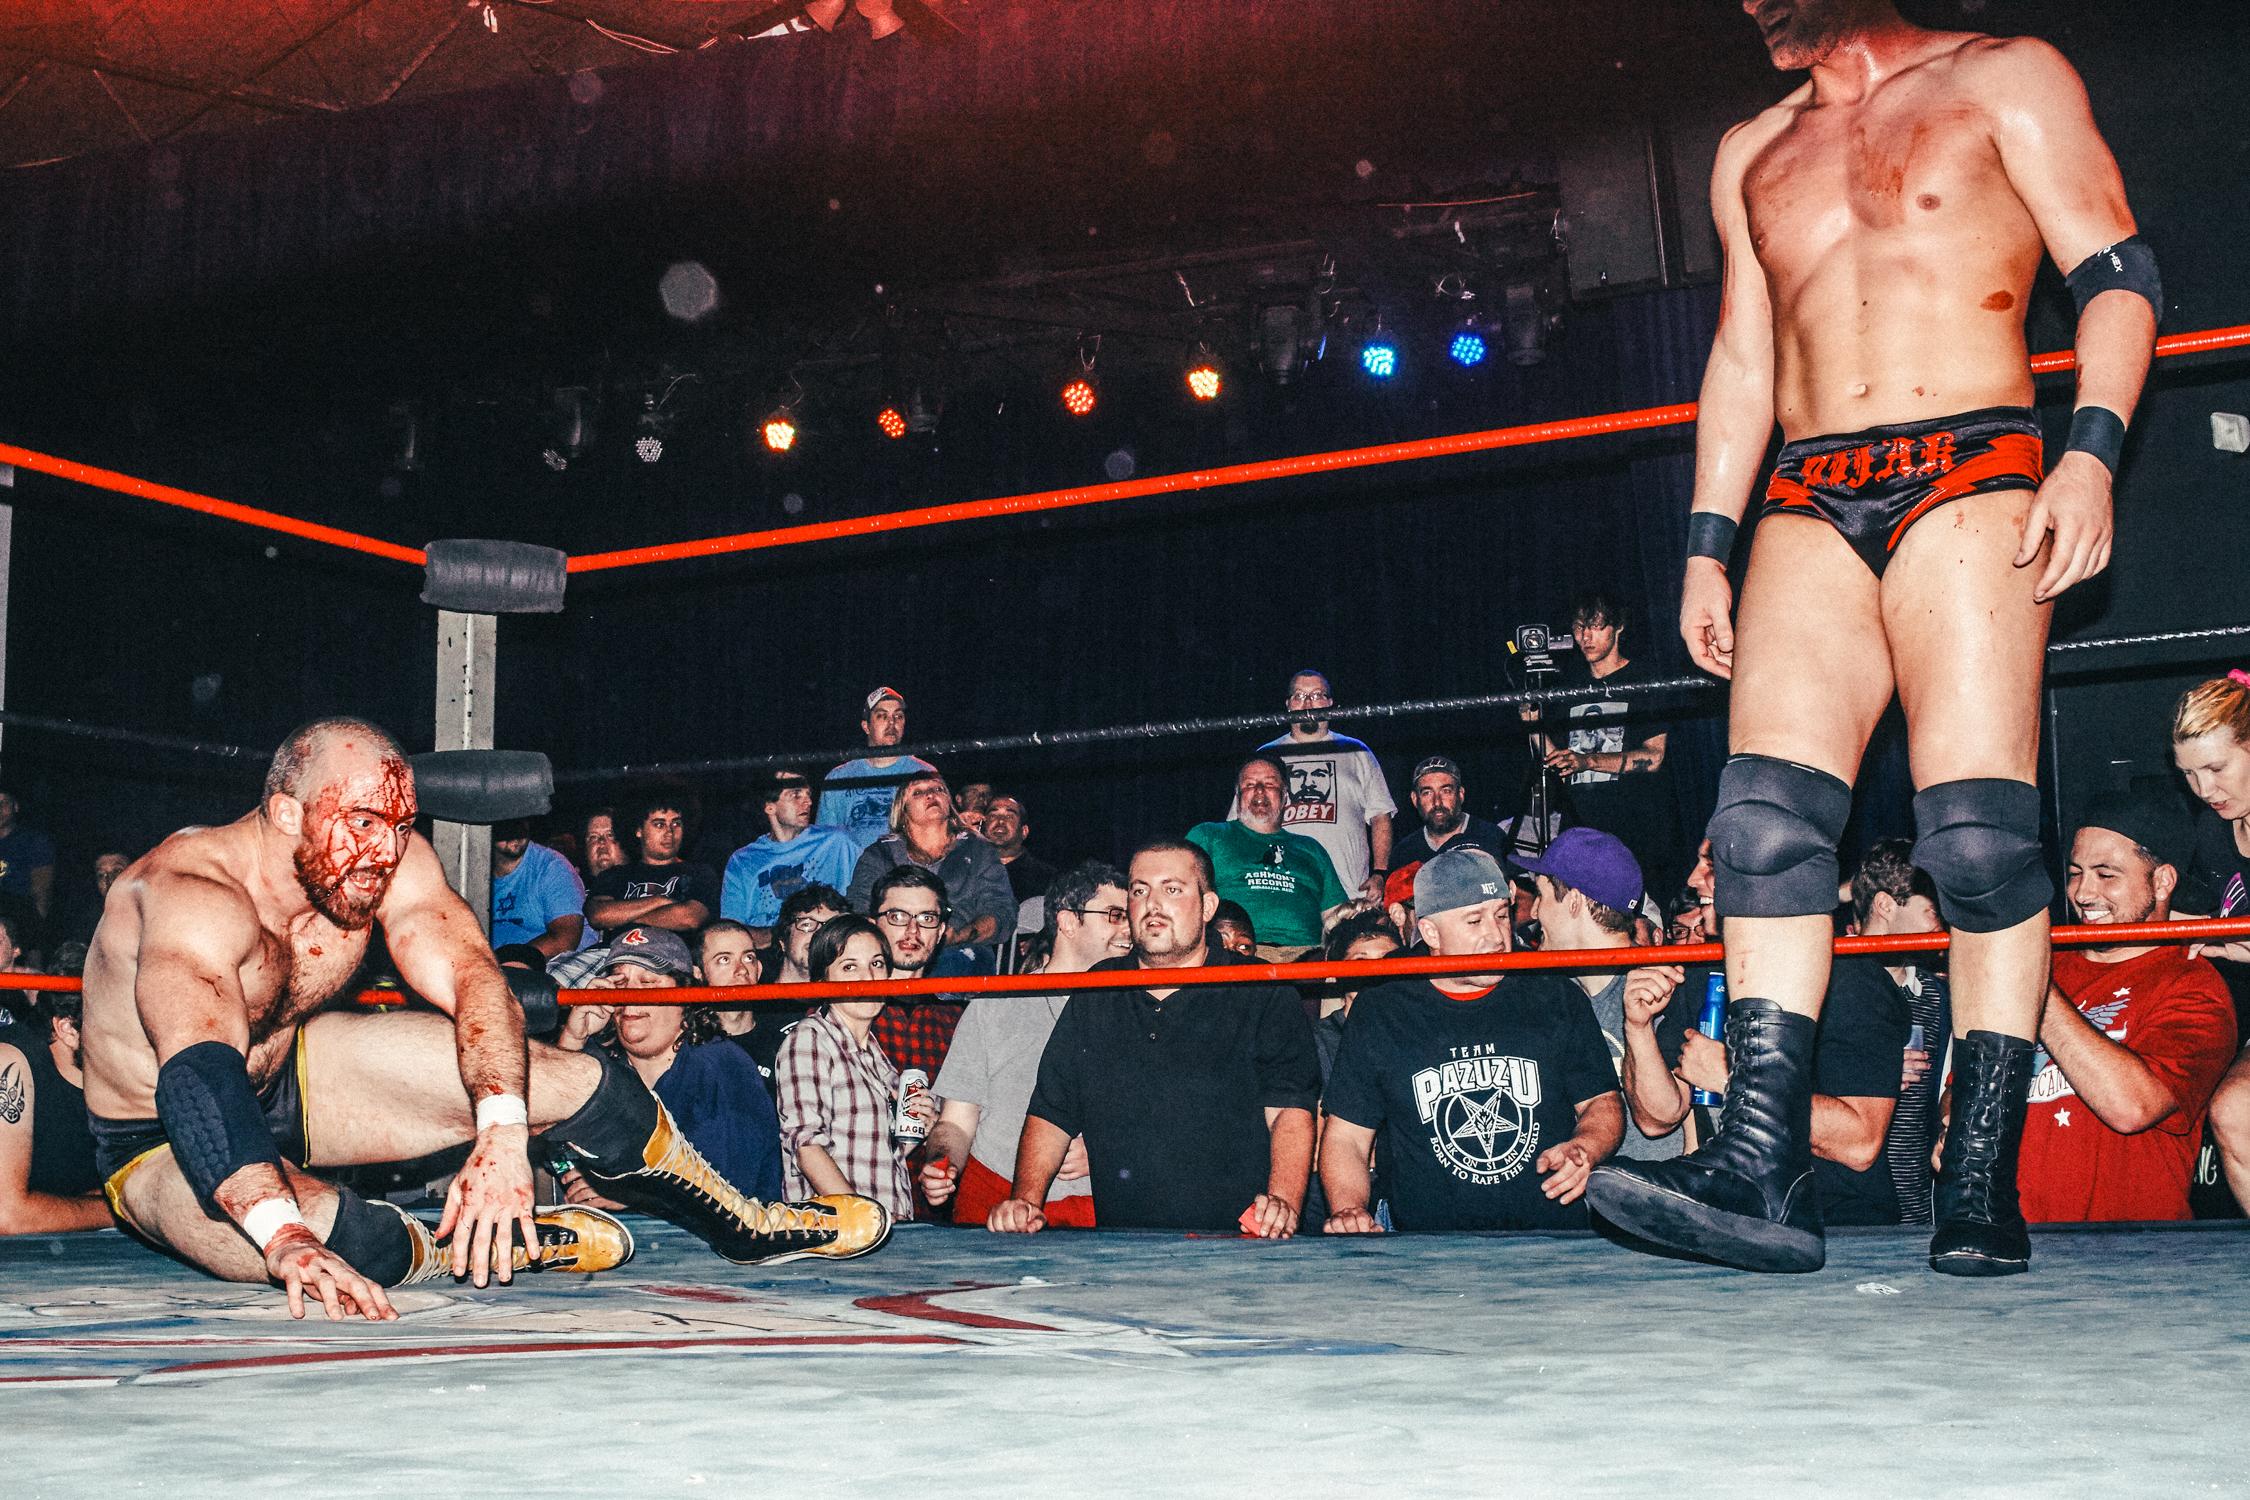 wrestling_27.jpg